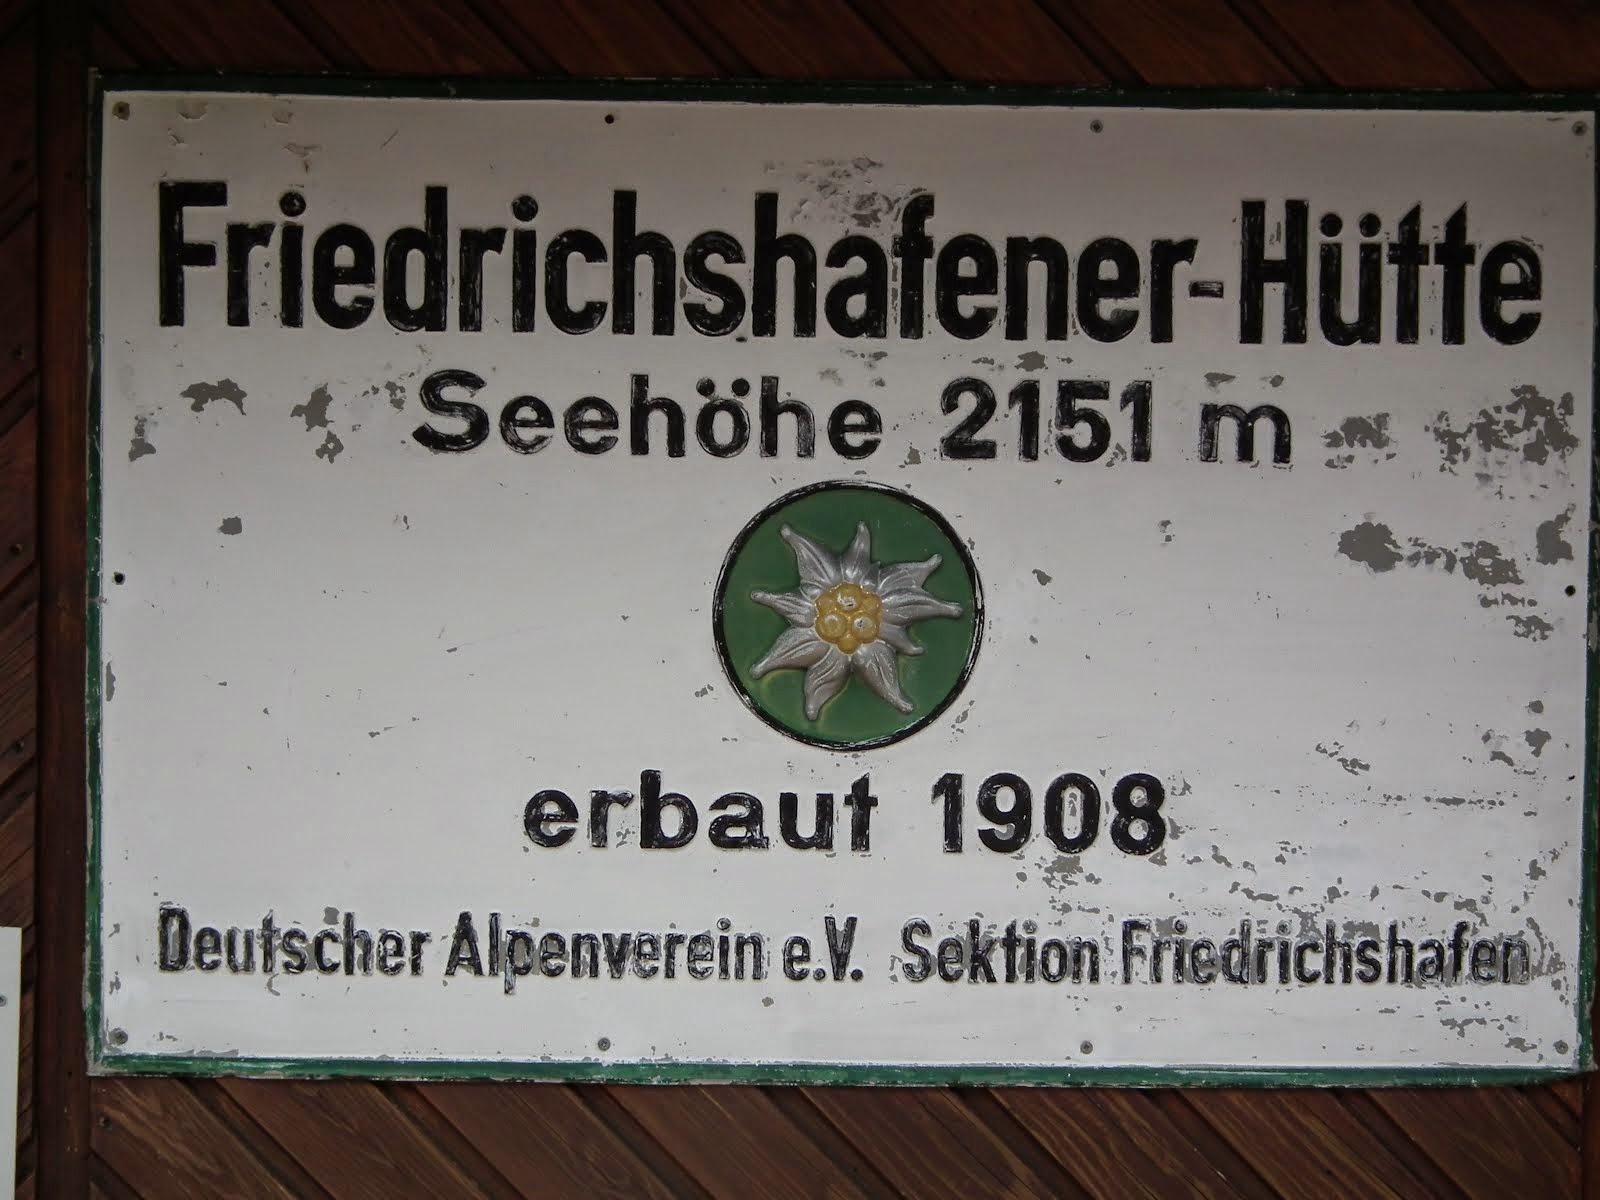 Friederichshafenerhutte